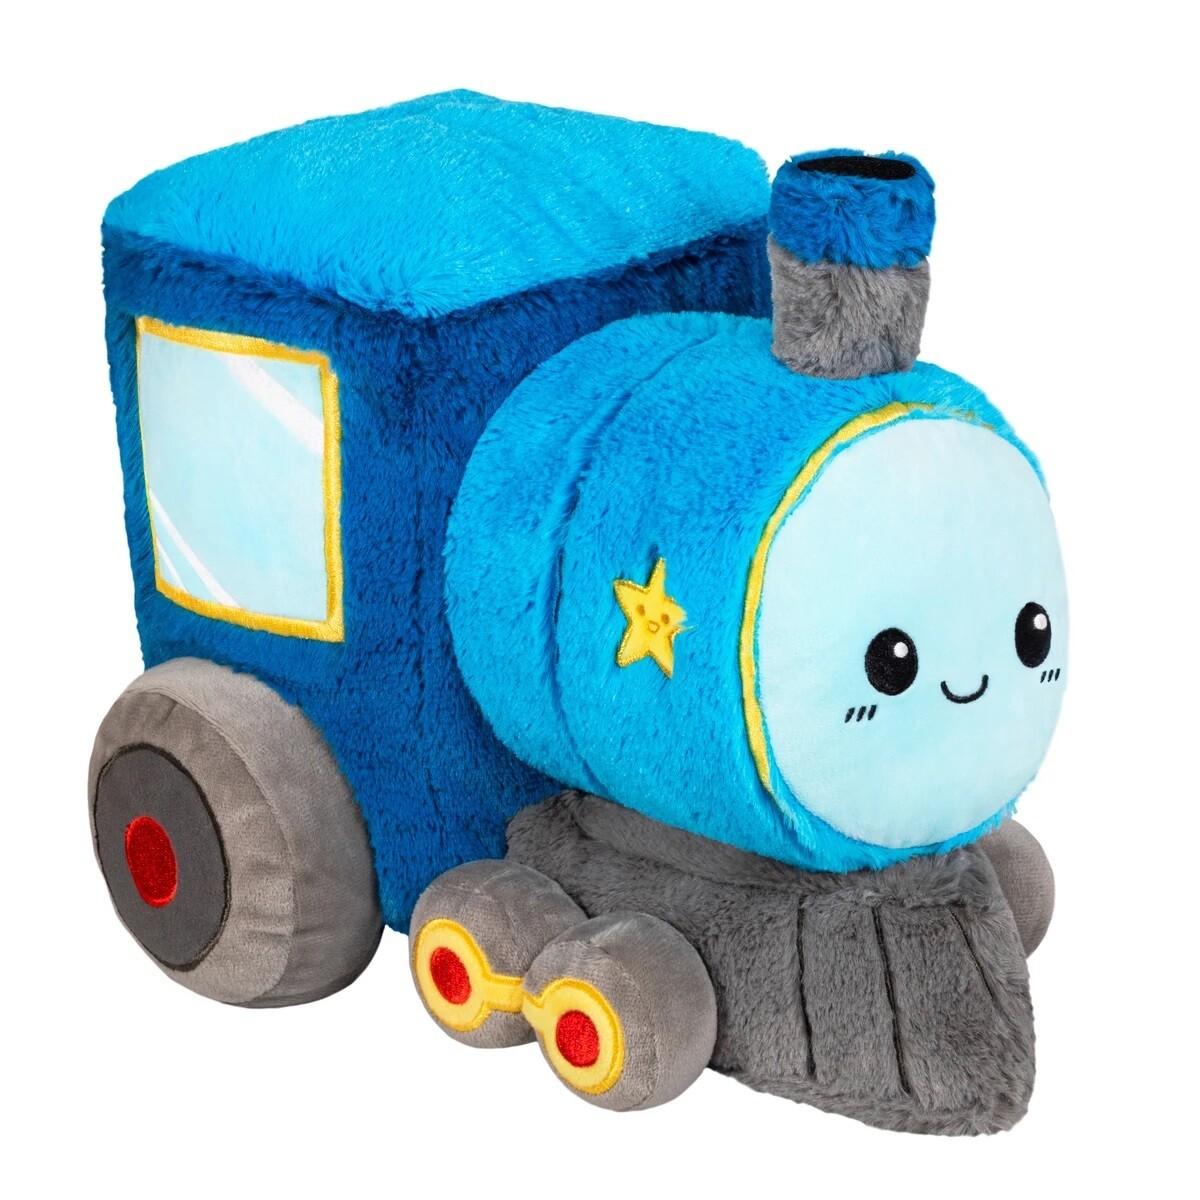 Squishable Go! Train